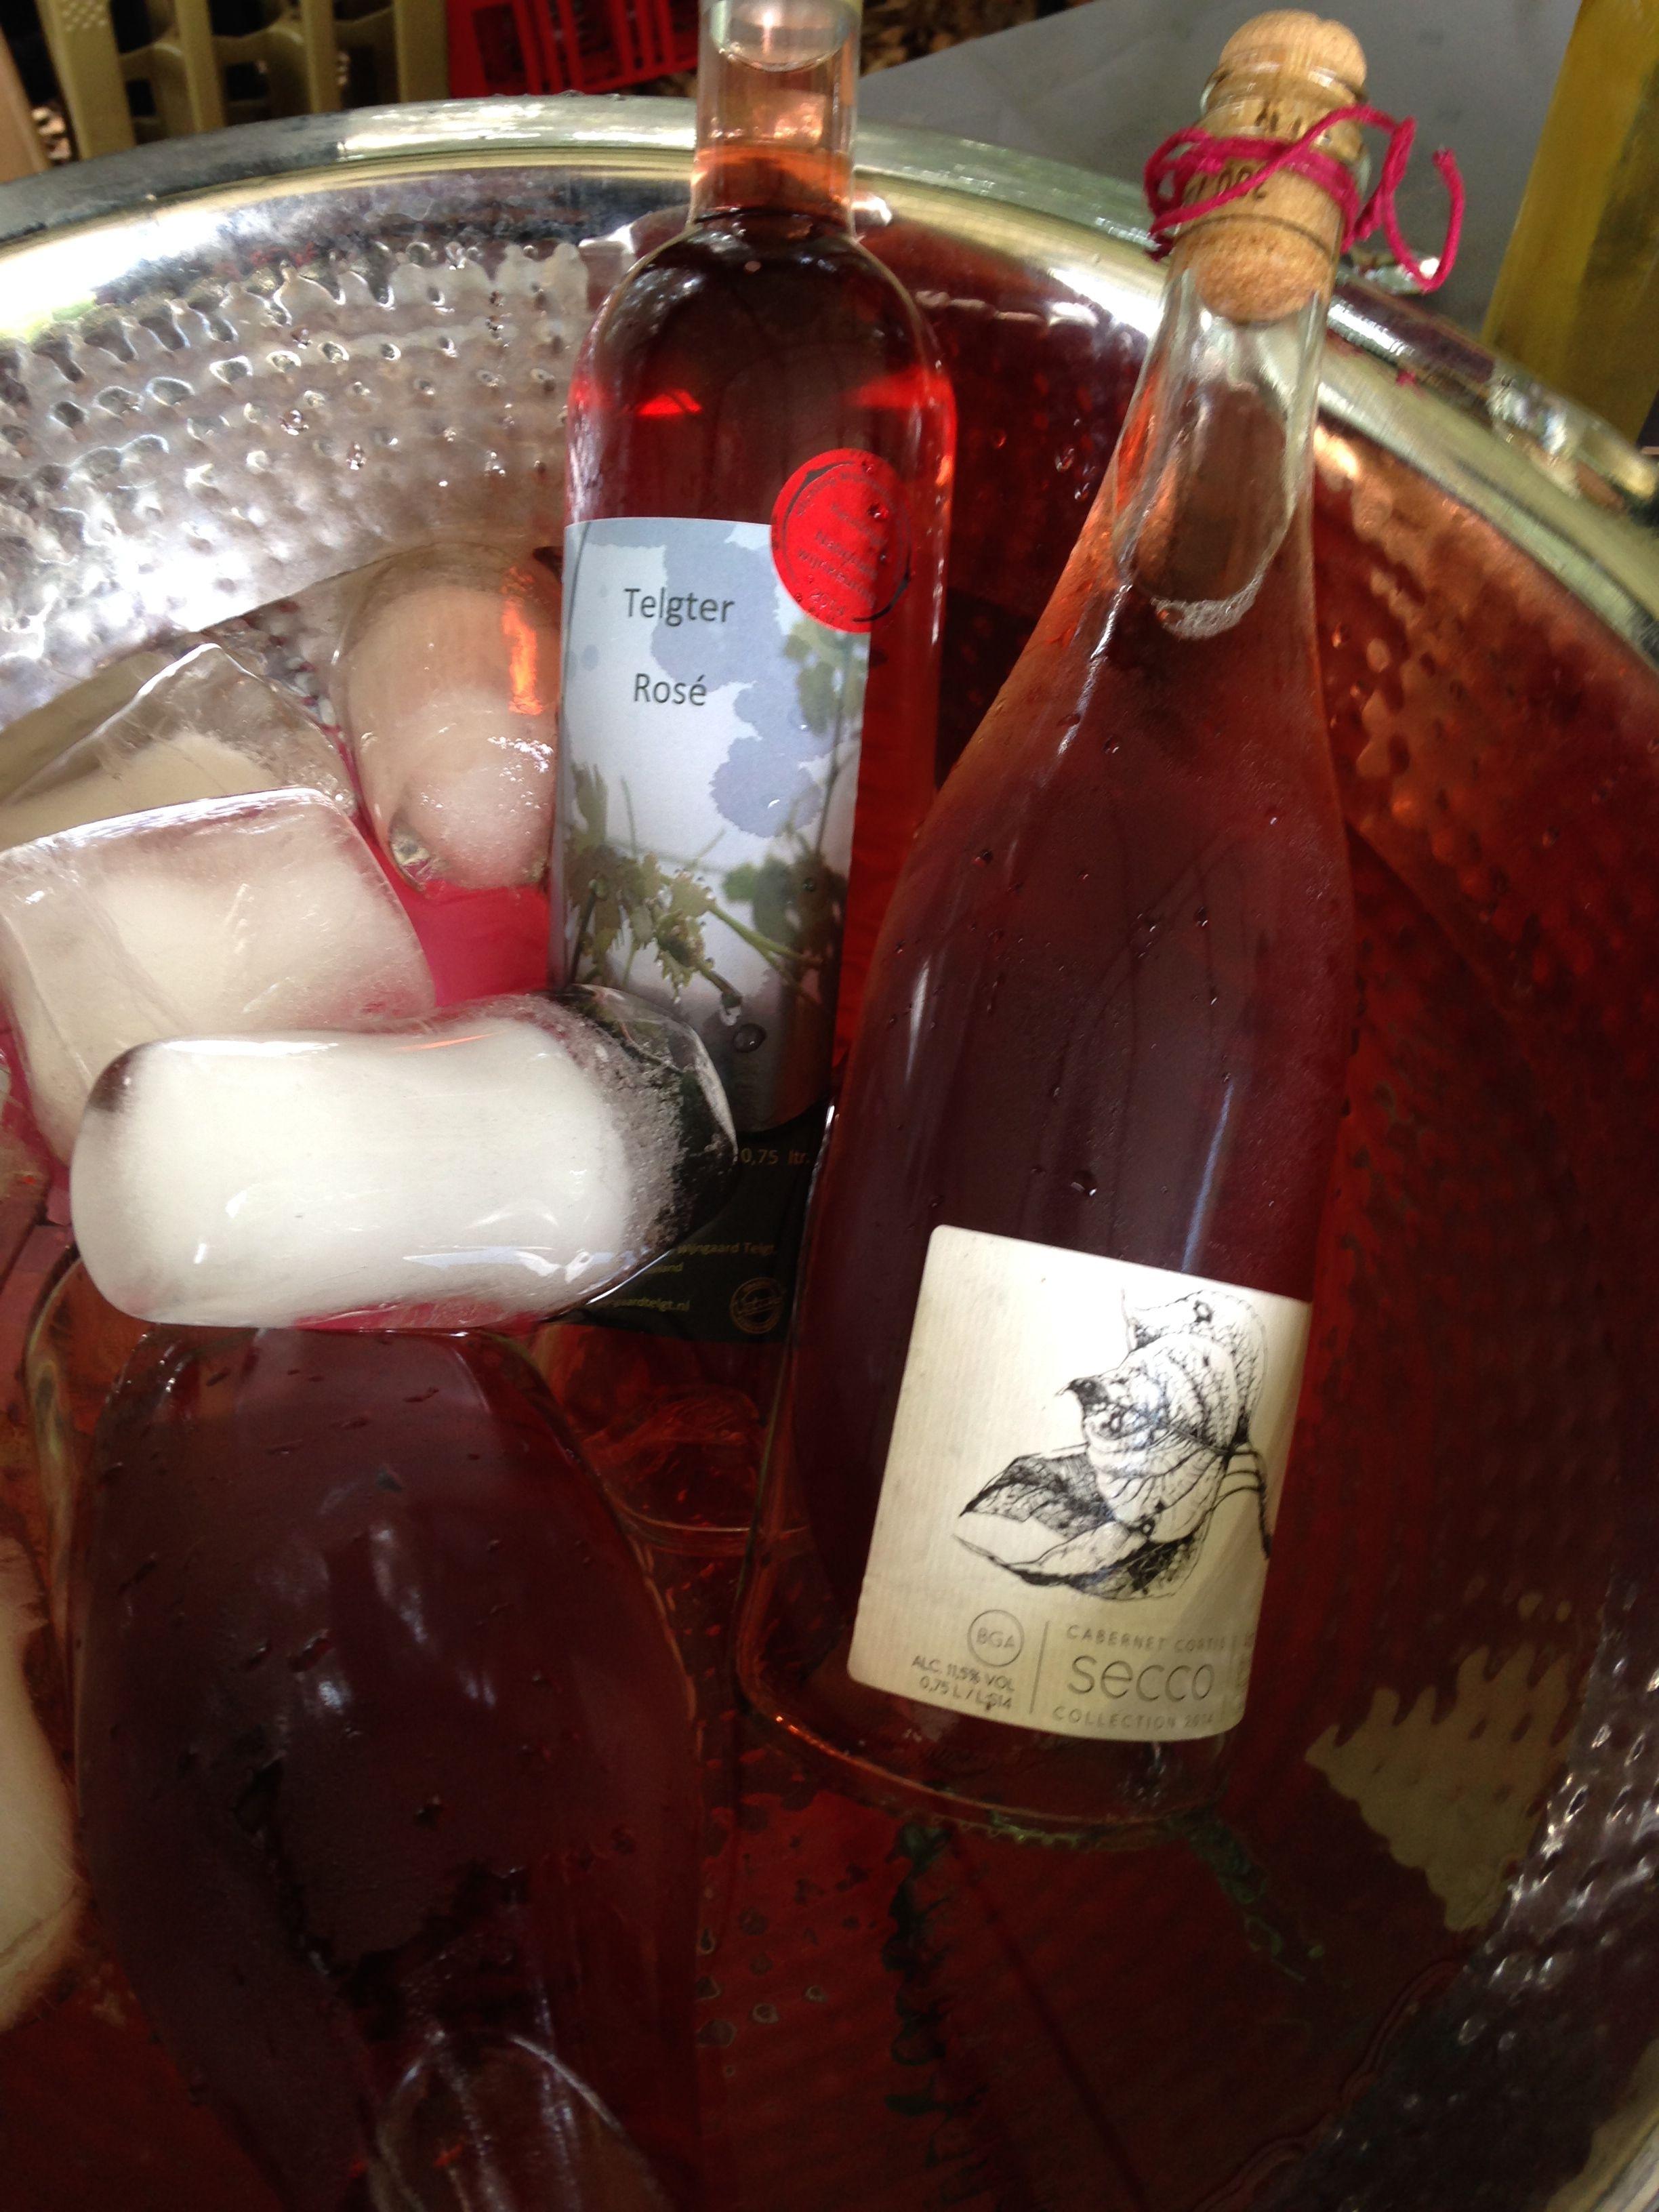 Society Wine Shop Smaak Van Wijn Heeft De Secco Van Aan De Breede Beek In Het Assortiment Wijn Wine